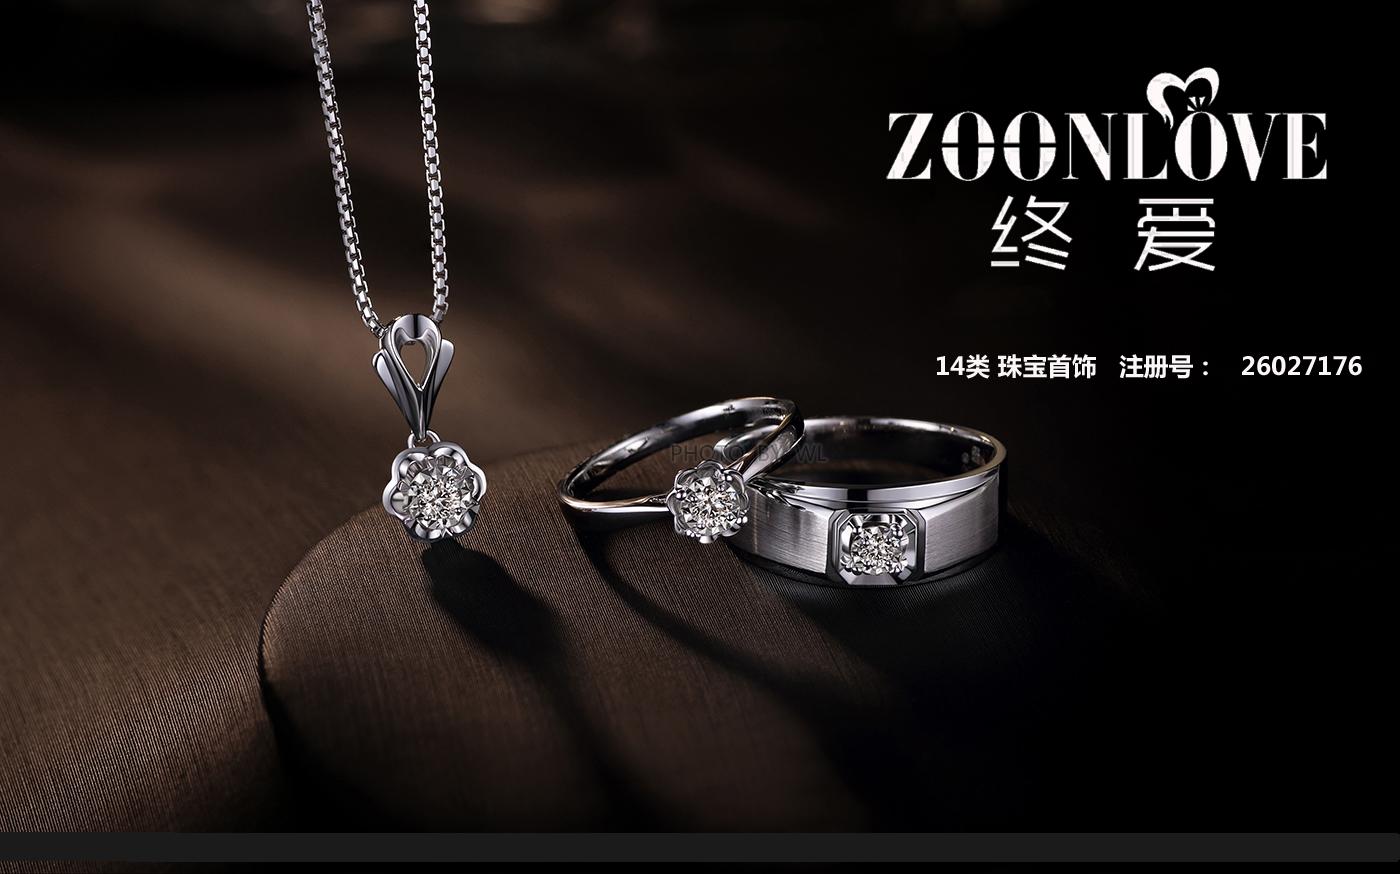 手表;宝石,戒指(首饰),手镯(首饰),玉雕首饰,珠宝首饰,翡翠,项链(首饰);首饰盒;贵重金属合金